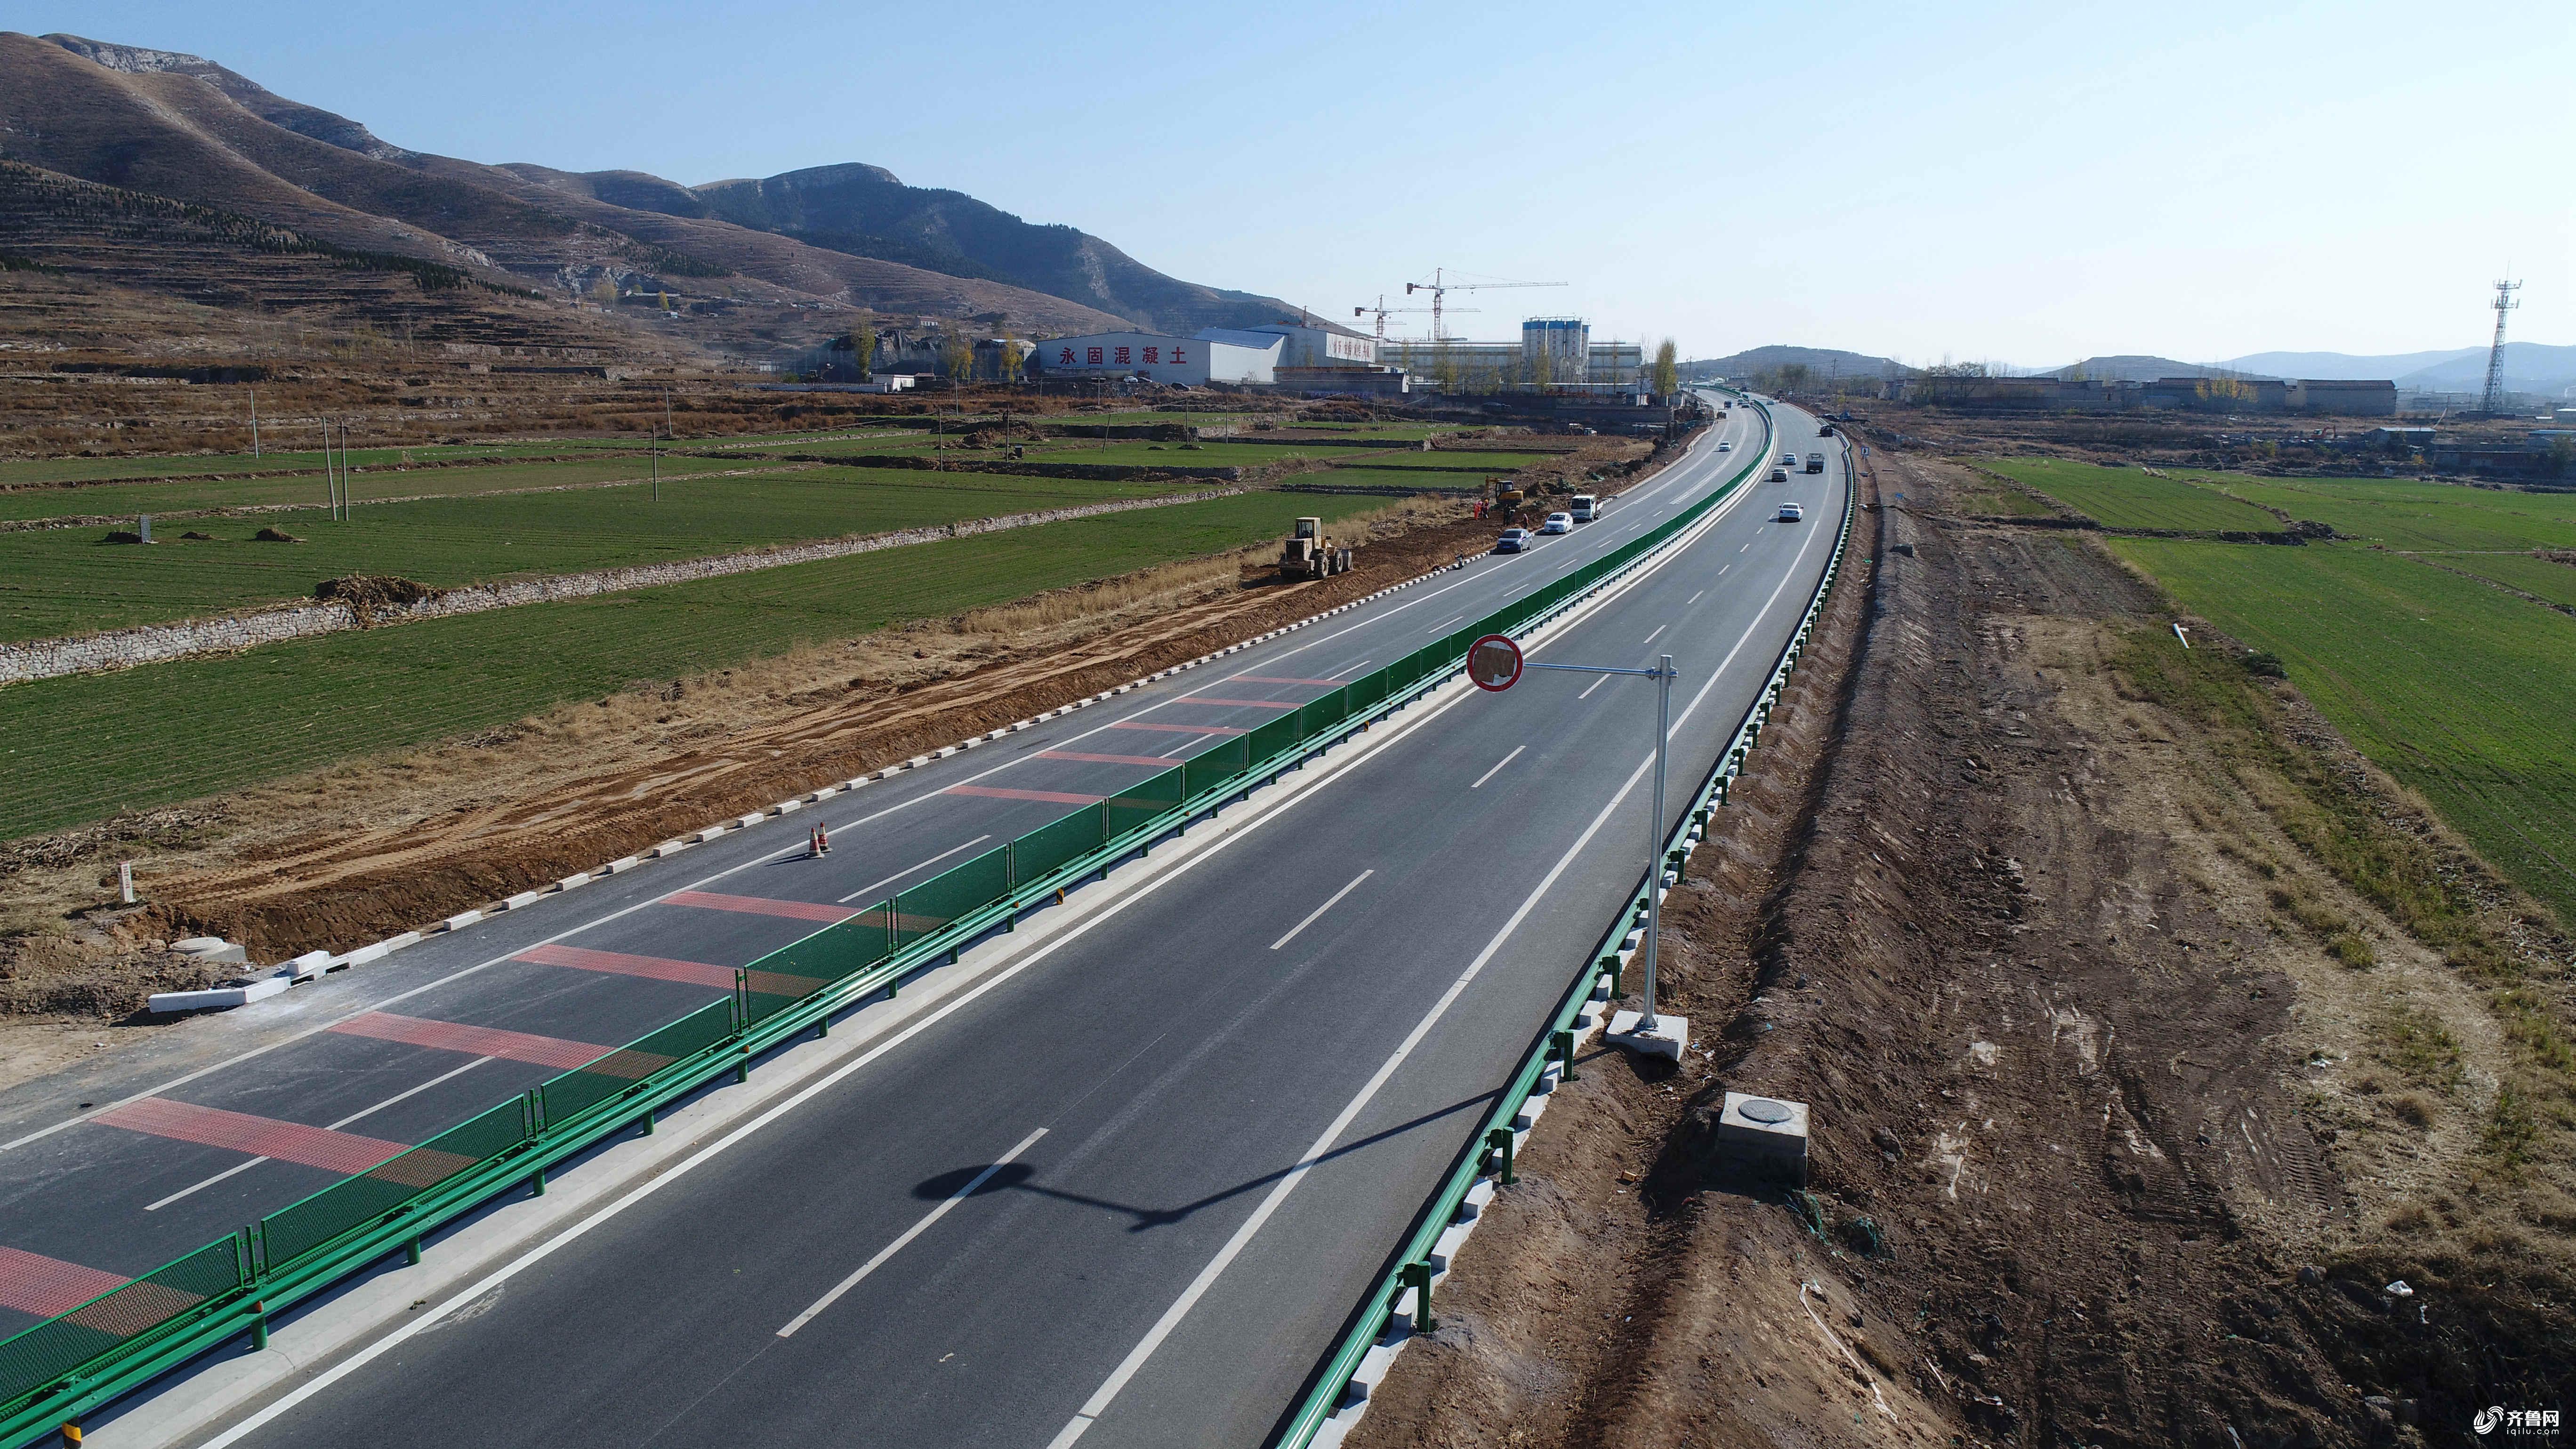 莱芜游玩,除已通车的济莱高速外,又有了崭新的行车风景路.